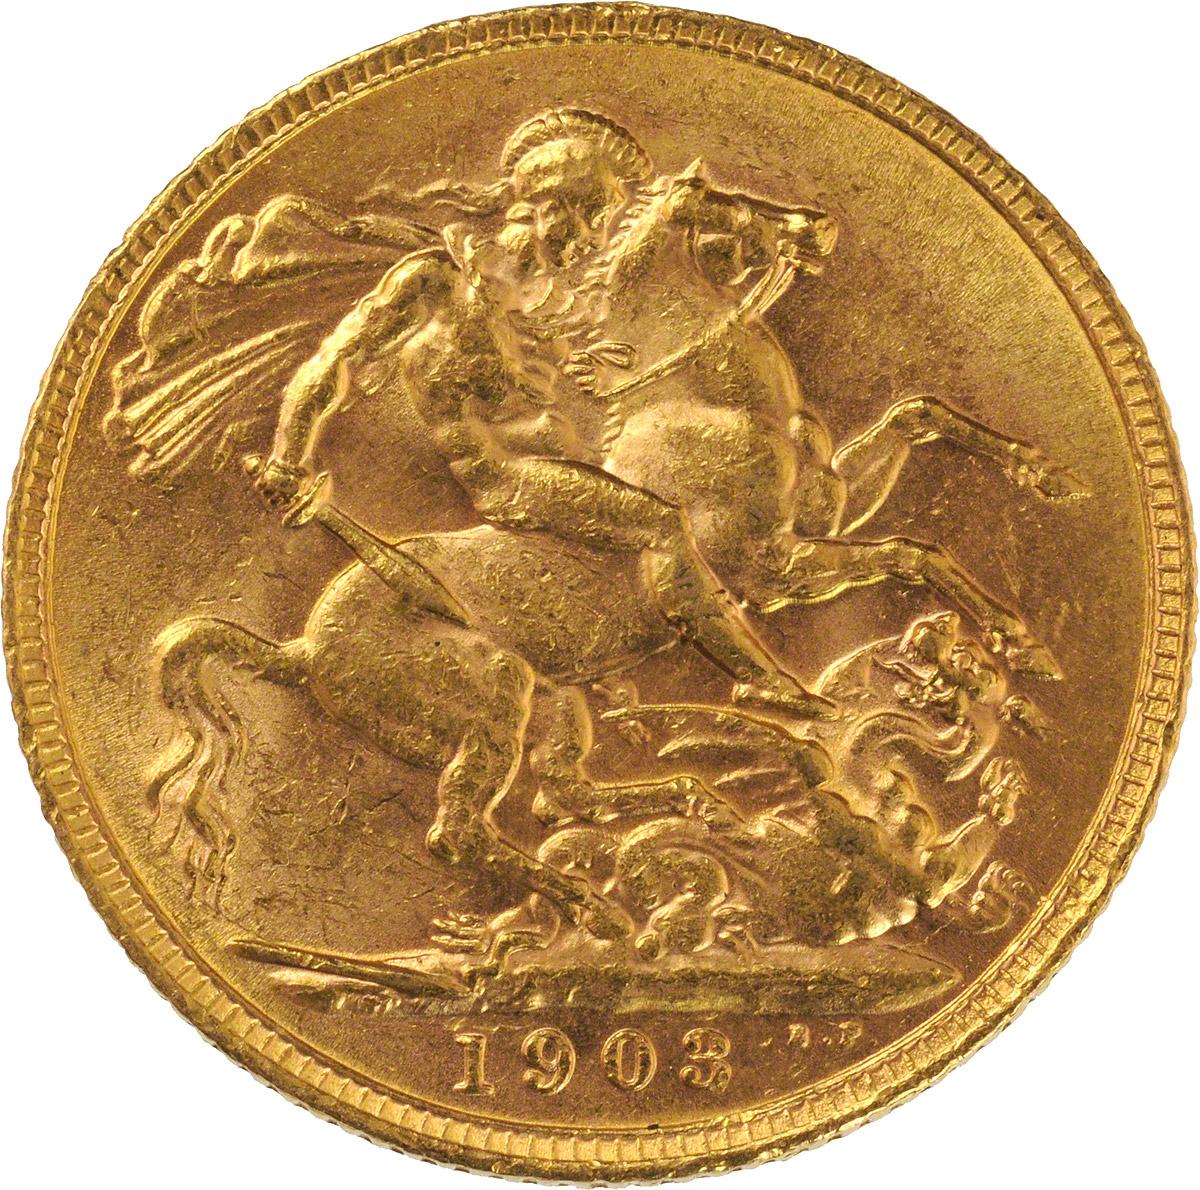 1903 Εδουάρδος Ζ' (Νομισματοκοπείο Λονδίνου)